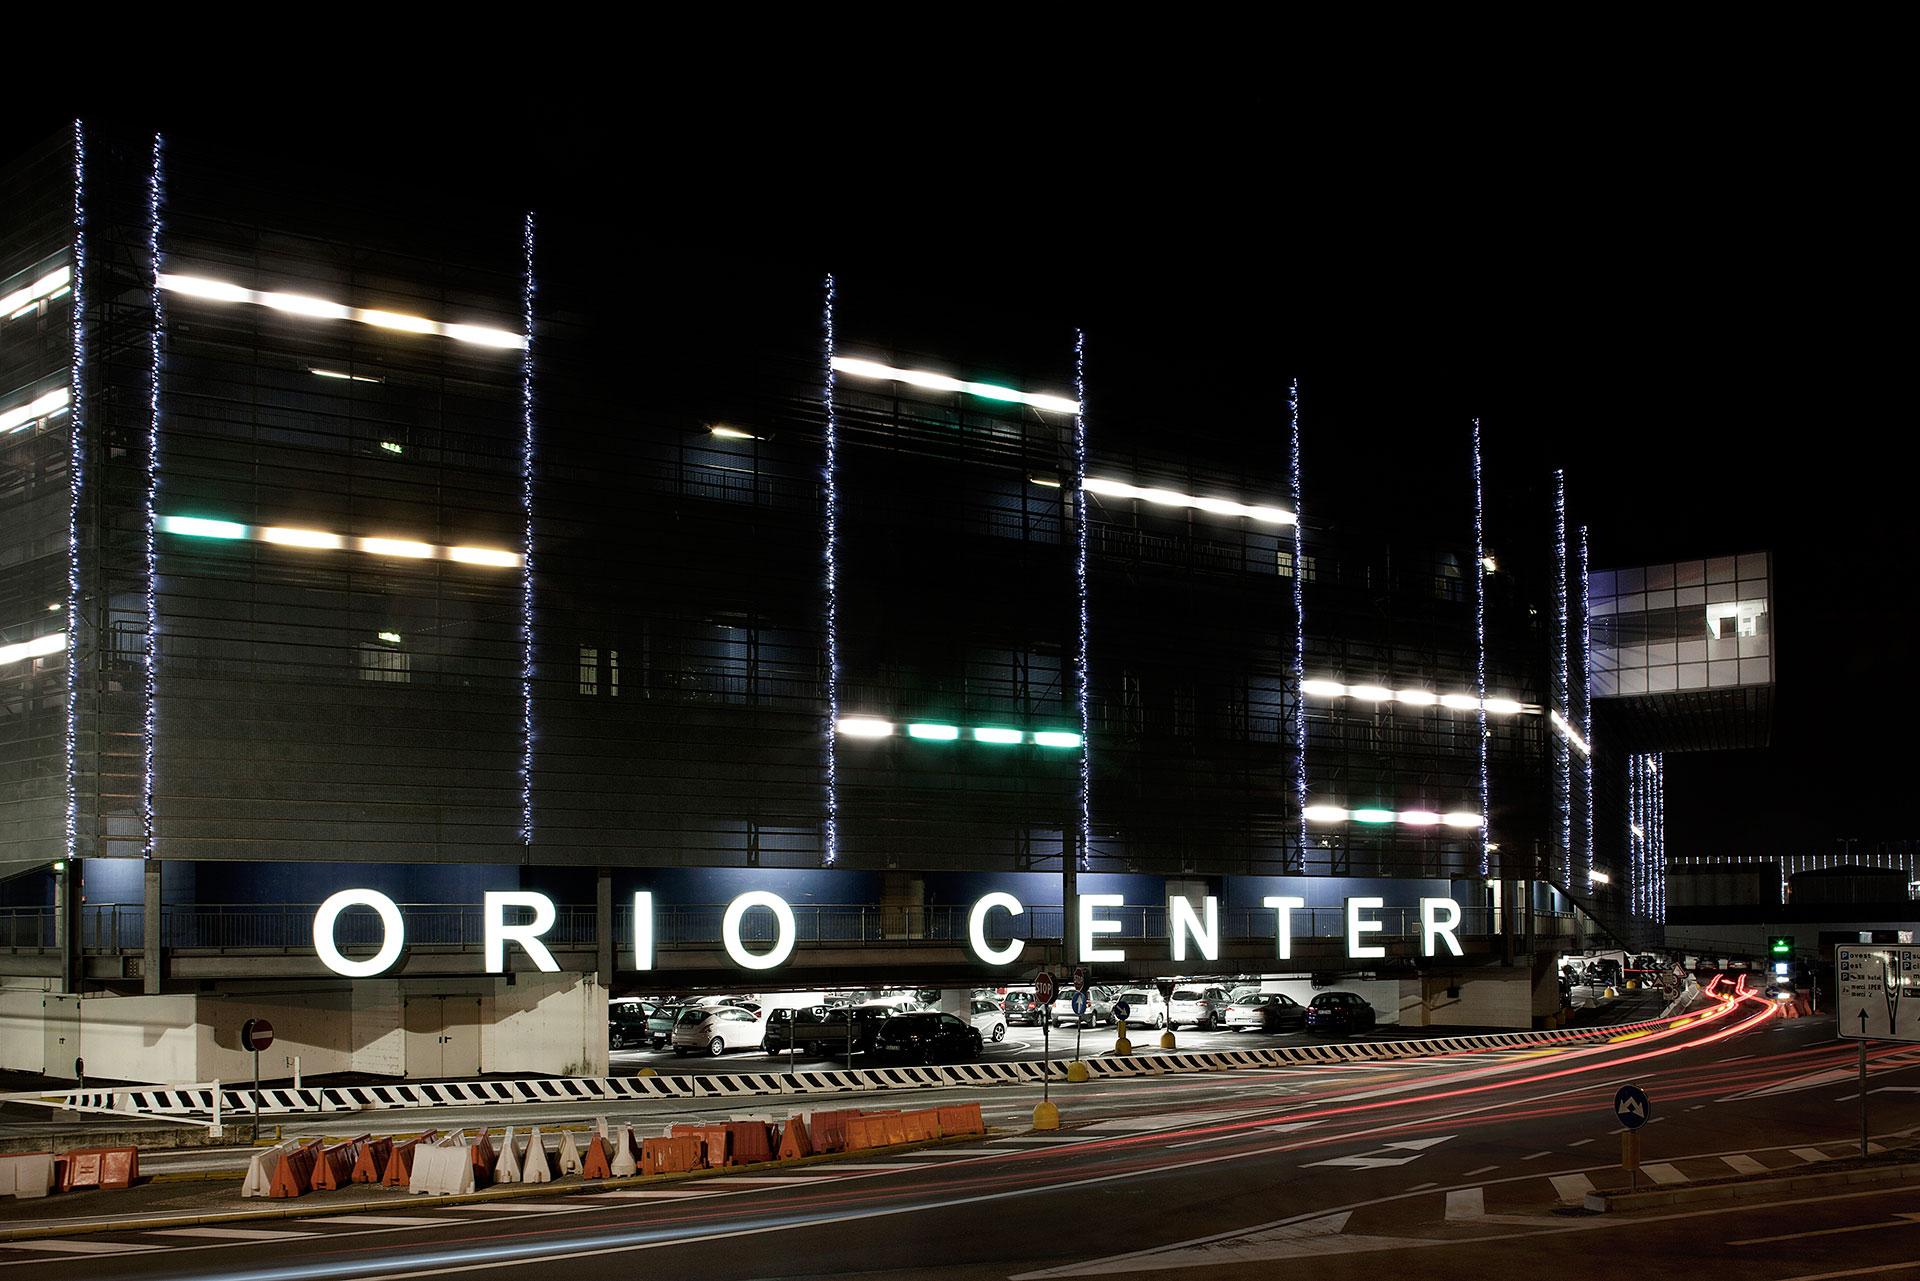 ORIO CENTER 14